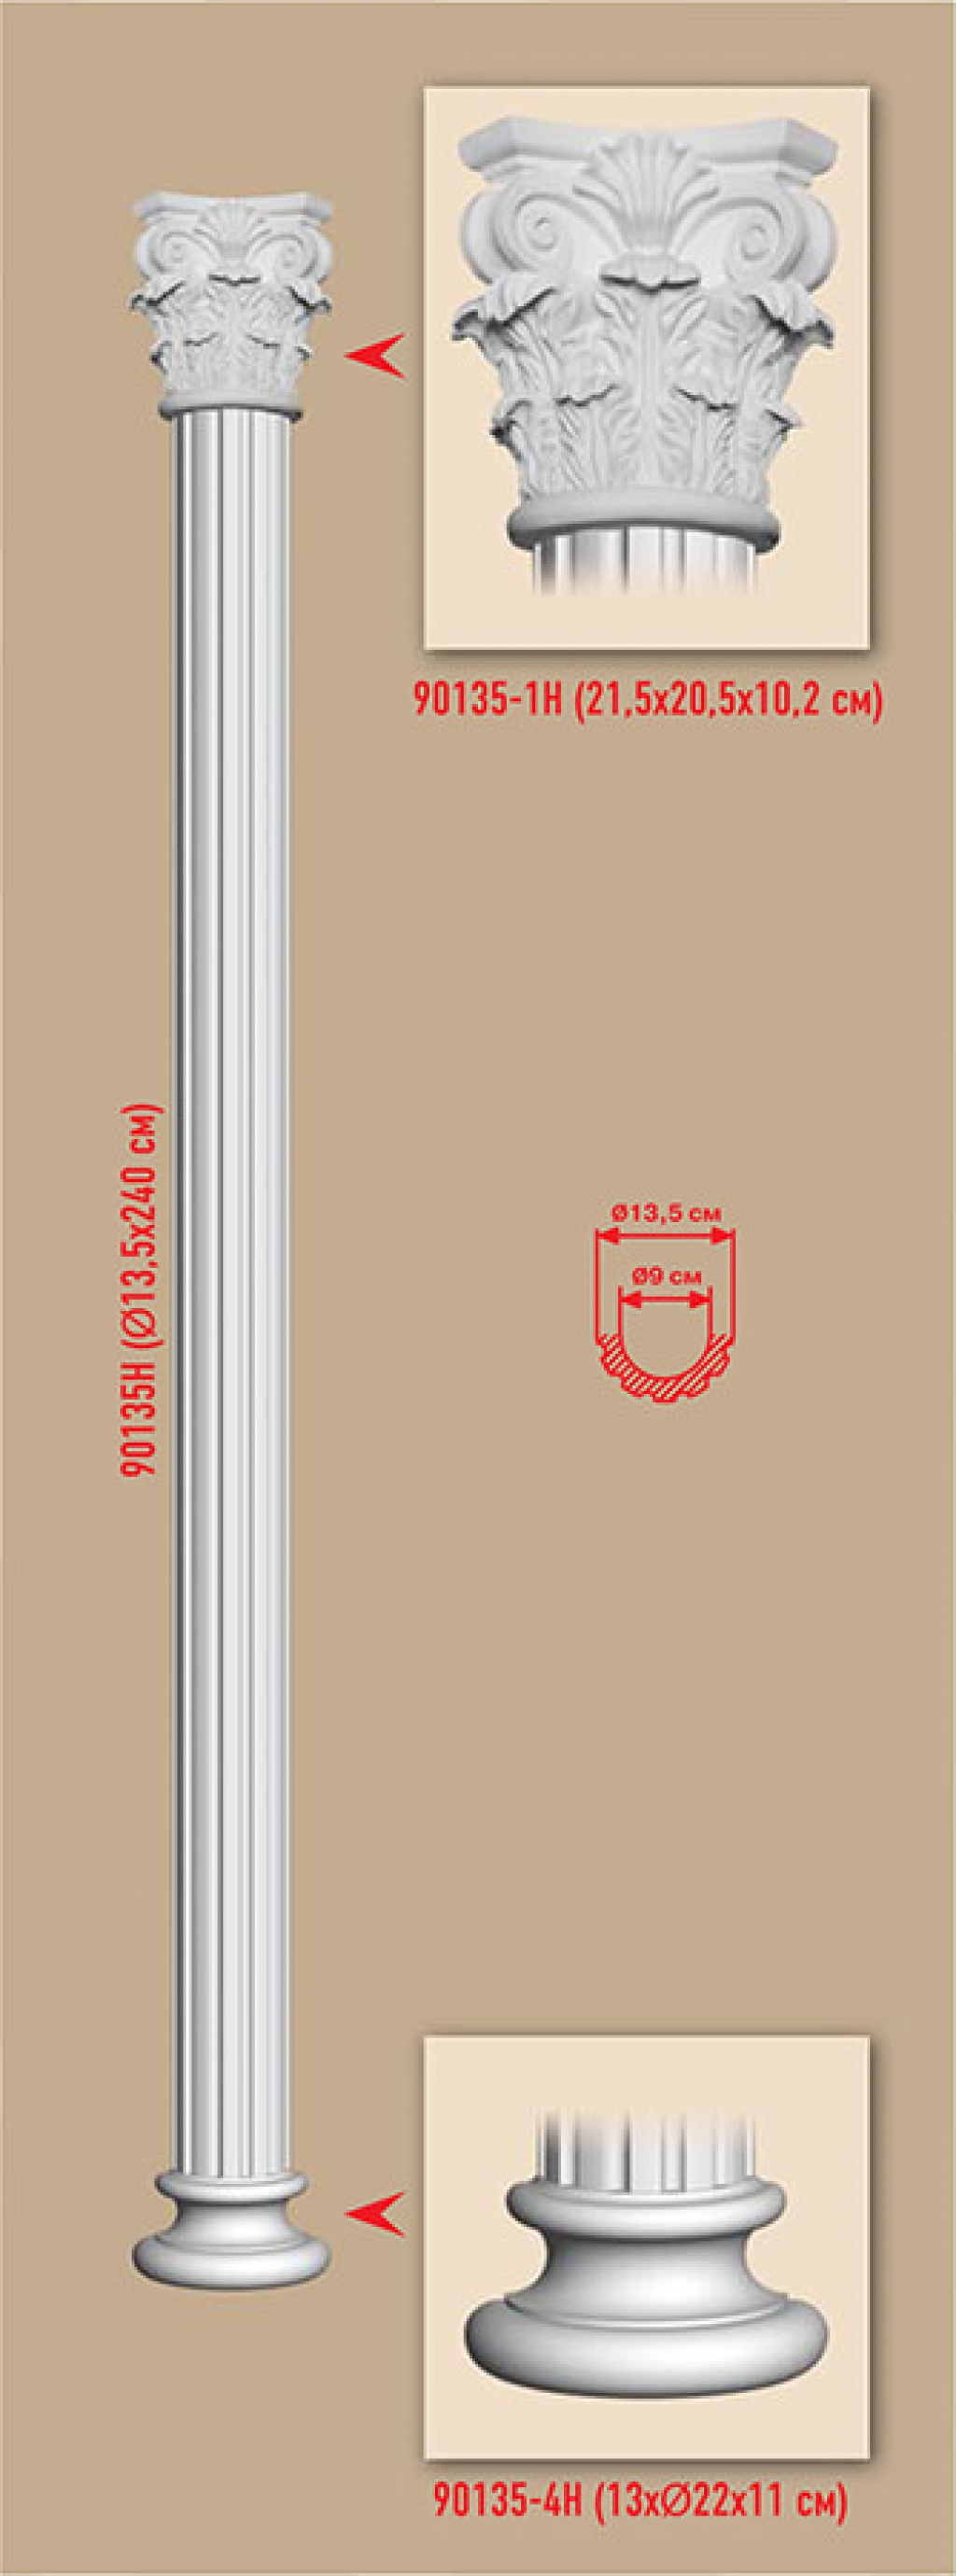 Полуколонна DECOMASTER 90135-H